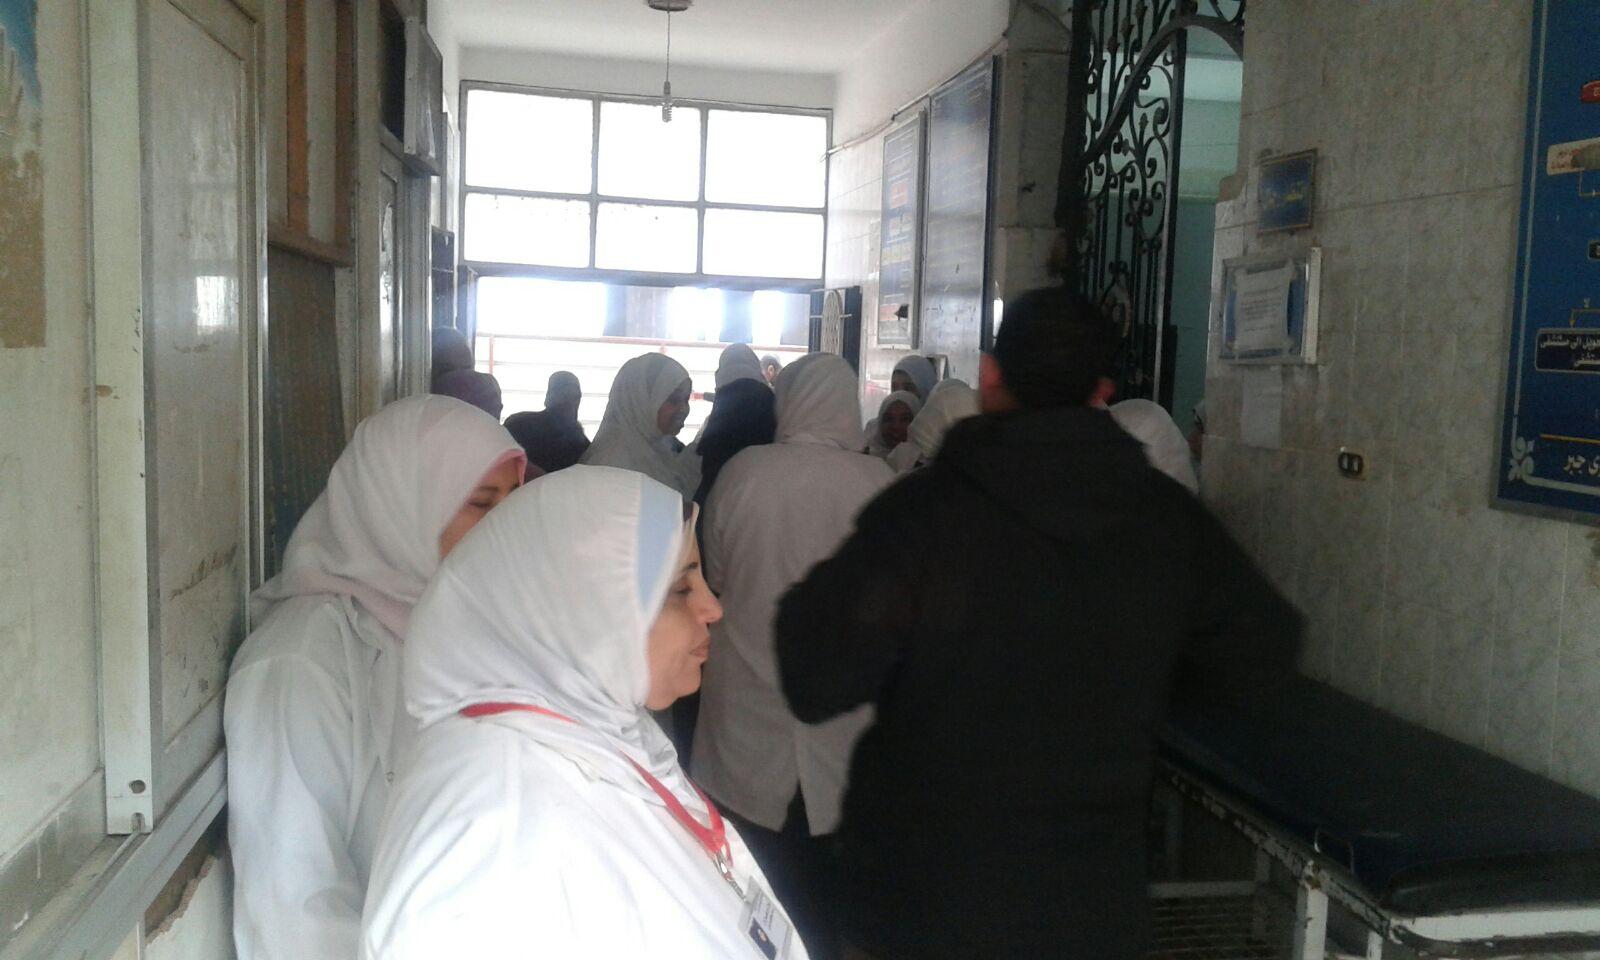 مستشفى كوم حمادة: أمين شرطة صفع ممرضة لما شاهدته يصورها بهاتفه